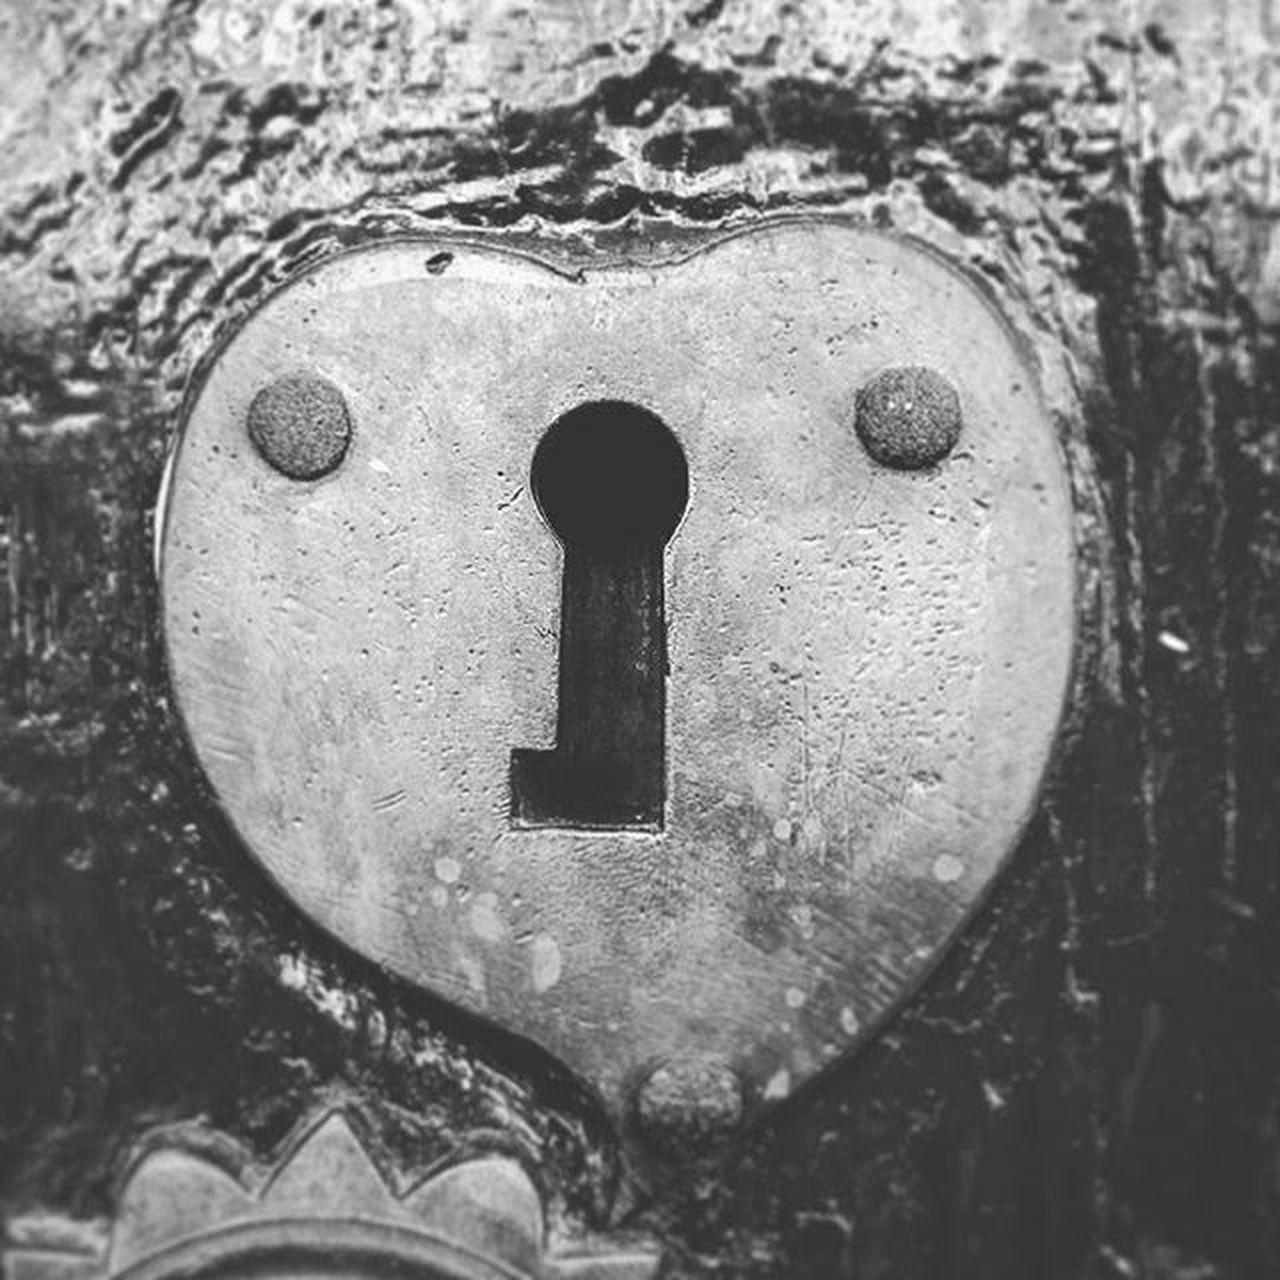 """100happydays """"Sólo aquel que posea la llave del corazón de esa dama, le pertenecerá para siempre."""" 🔑❤👸💕 Llave Key Cerradura Lock Corazón Heart Dama Lady Damisela Damsel Doncella Maiden Formadecorazon Heartshaped Blancoynegro Blackandwhite Byn Bw Antiguo Old Antique Vintage Medieval Romantic love"""